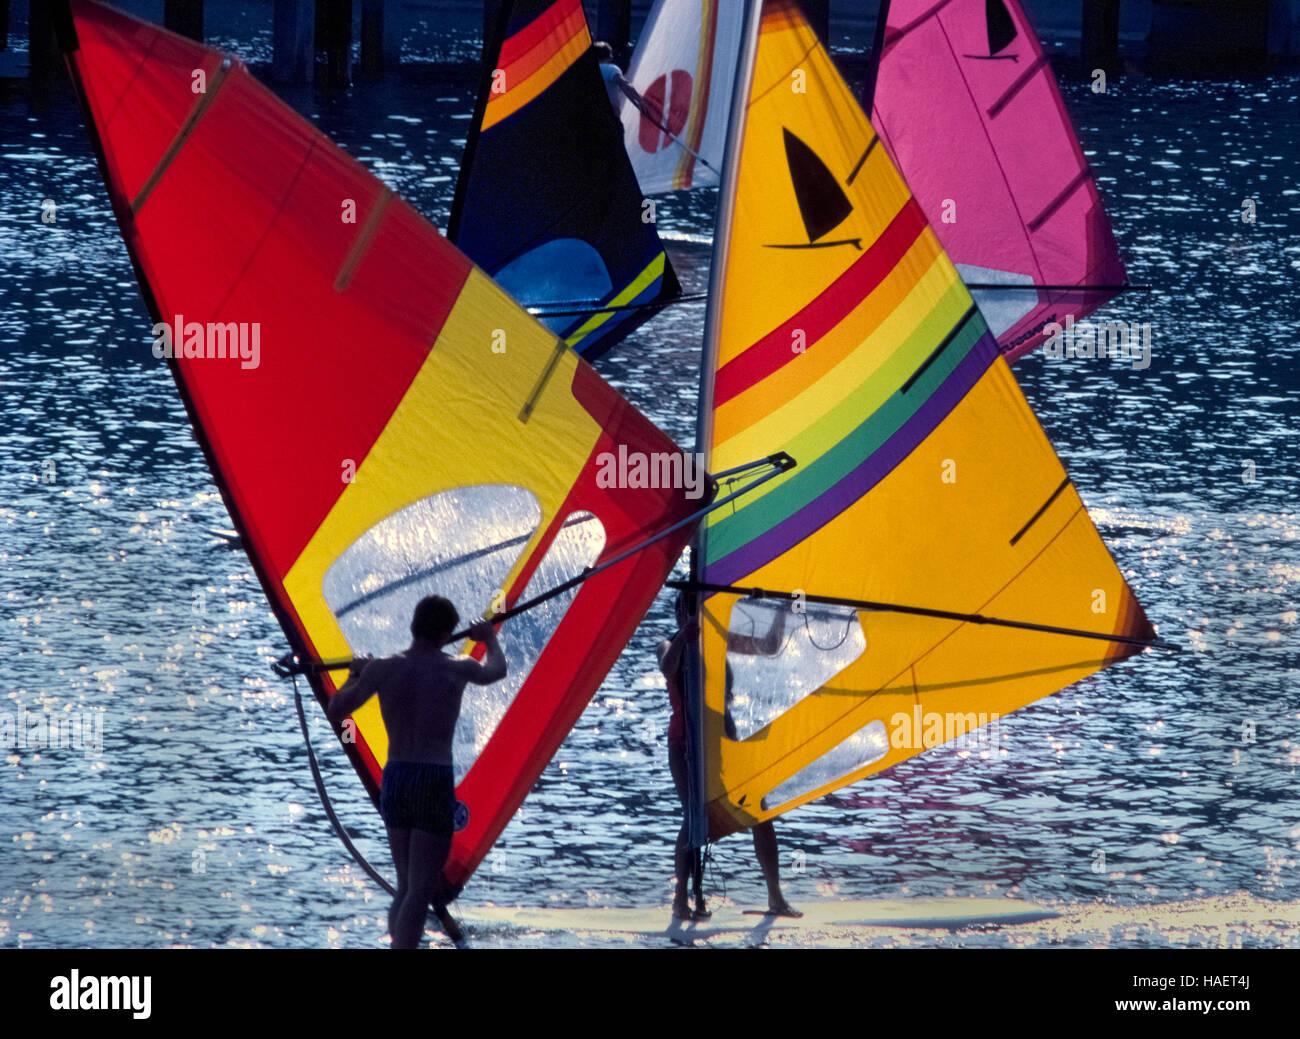 Los jóvenes windsurfistas cruzan mientras practican maniobras técnicas para este popular deporte acuático Imagen De Stock